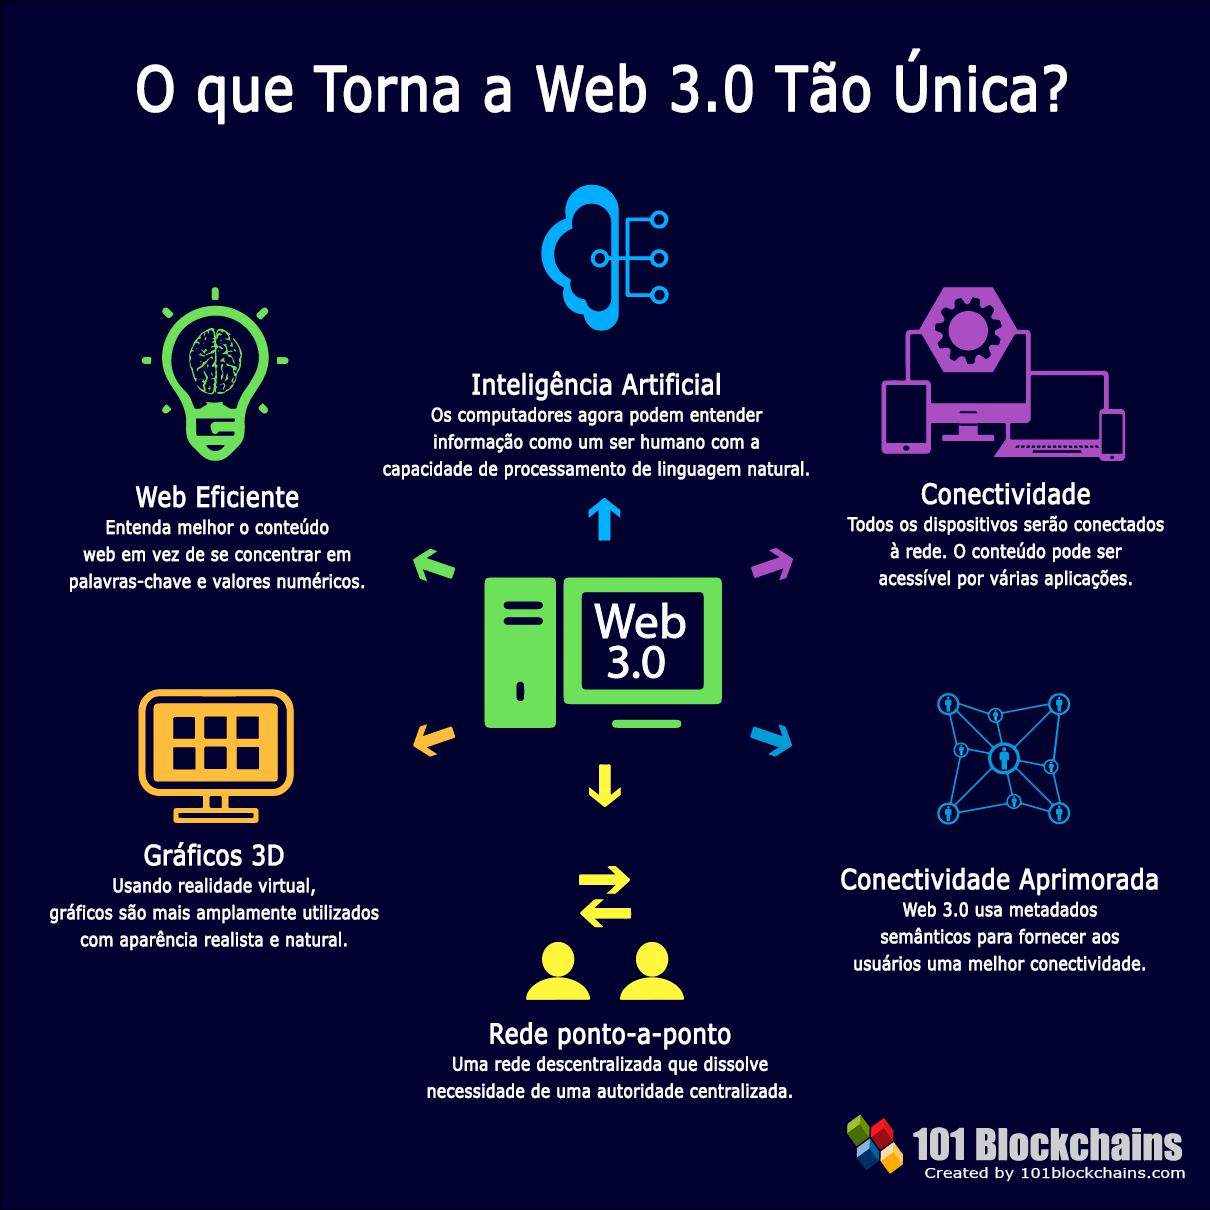 O que torna a Web 3 t¦o única